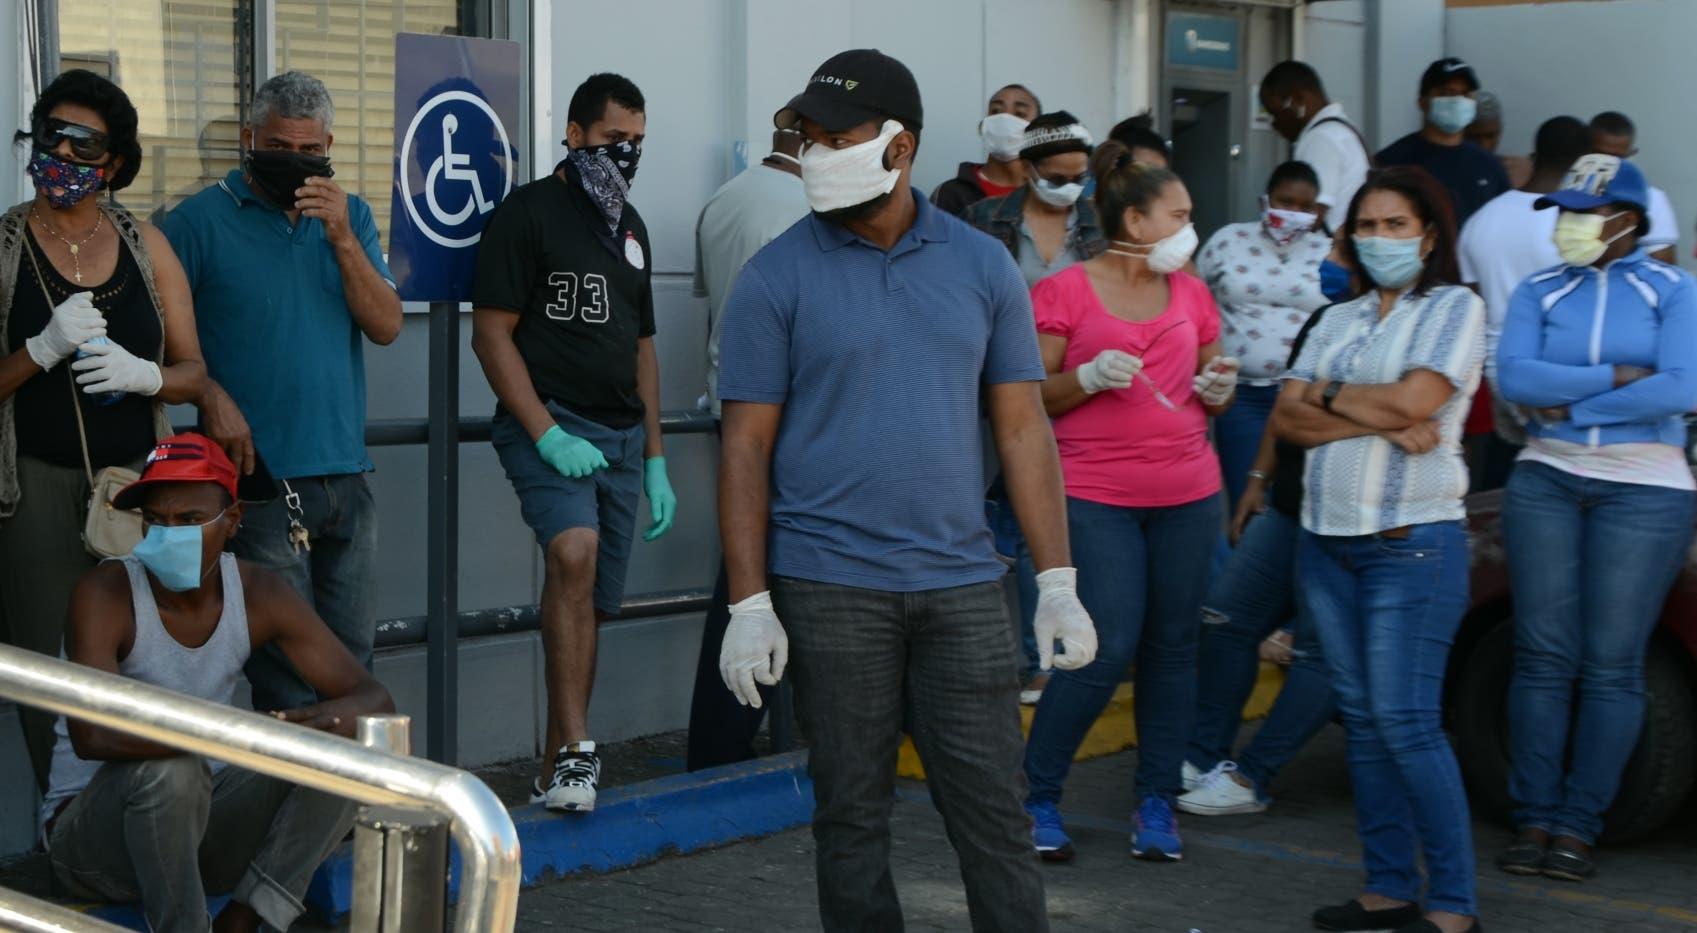 Salud Pública reporta 400 nuevos casos de Covid-19 en las últimas 24 horas